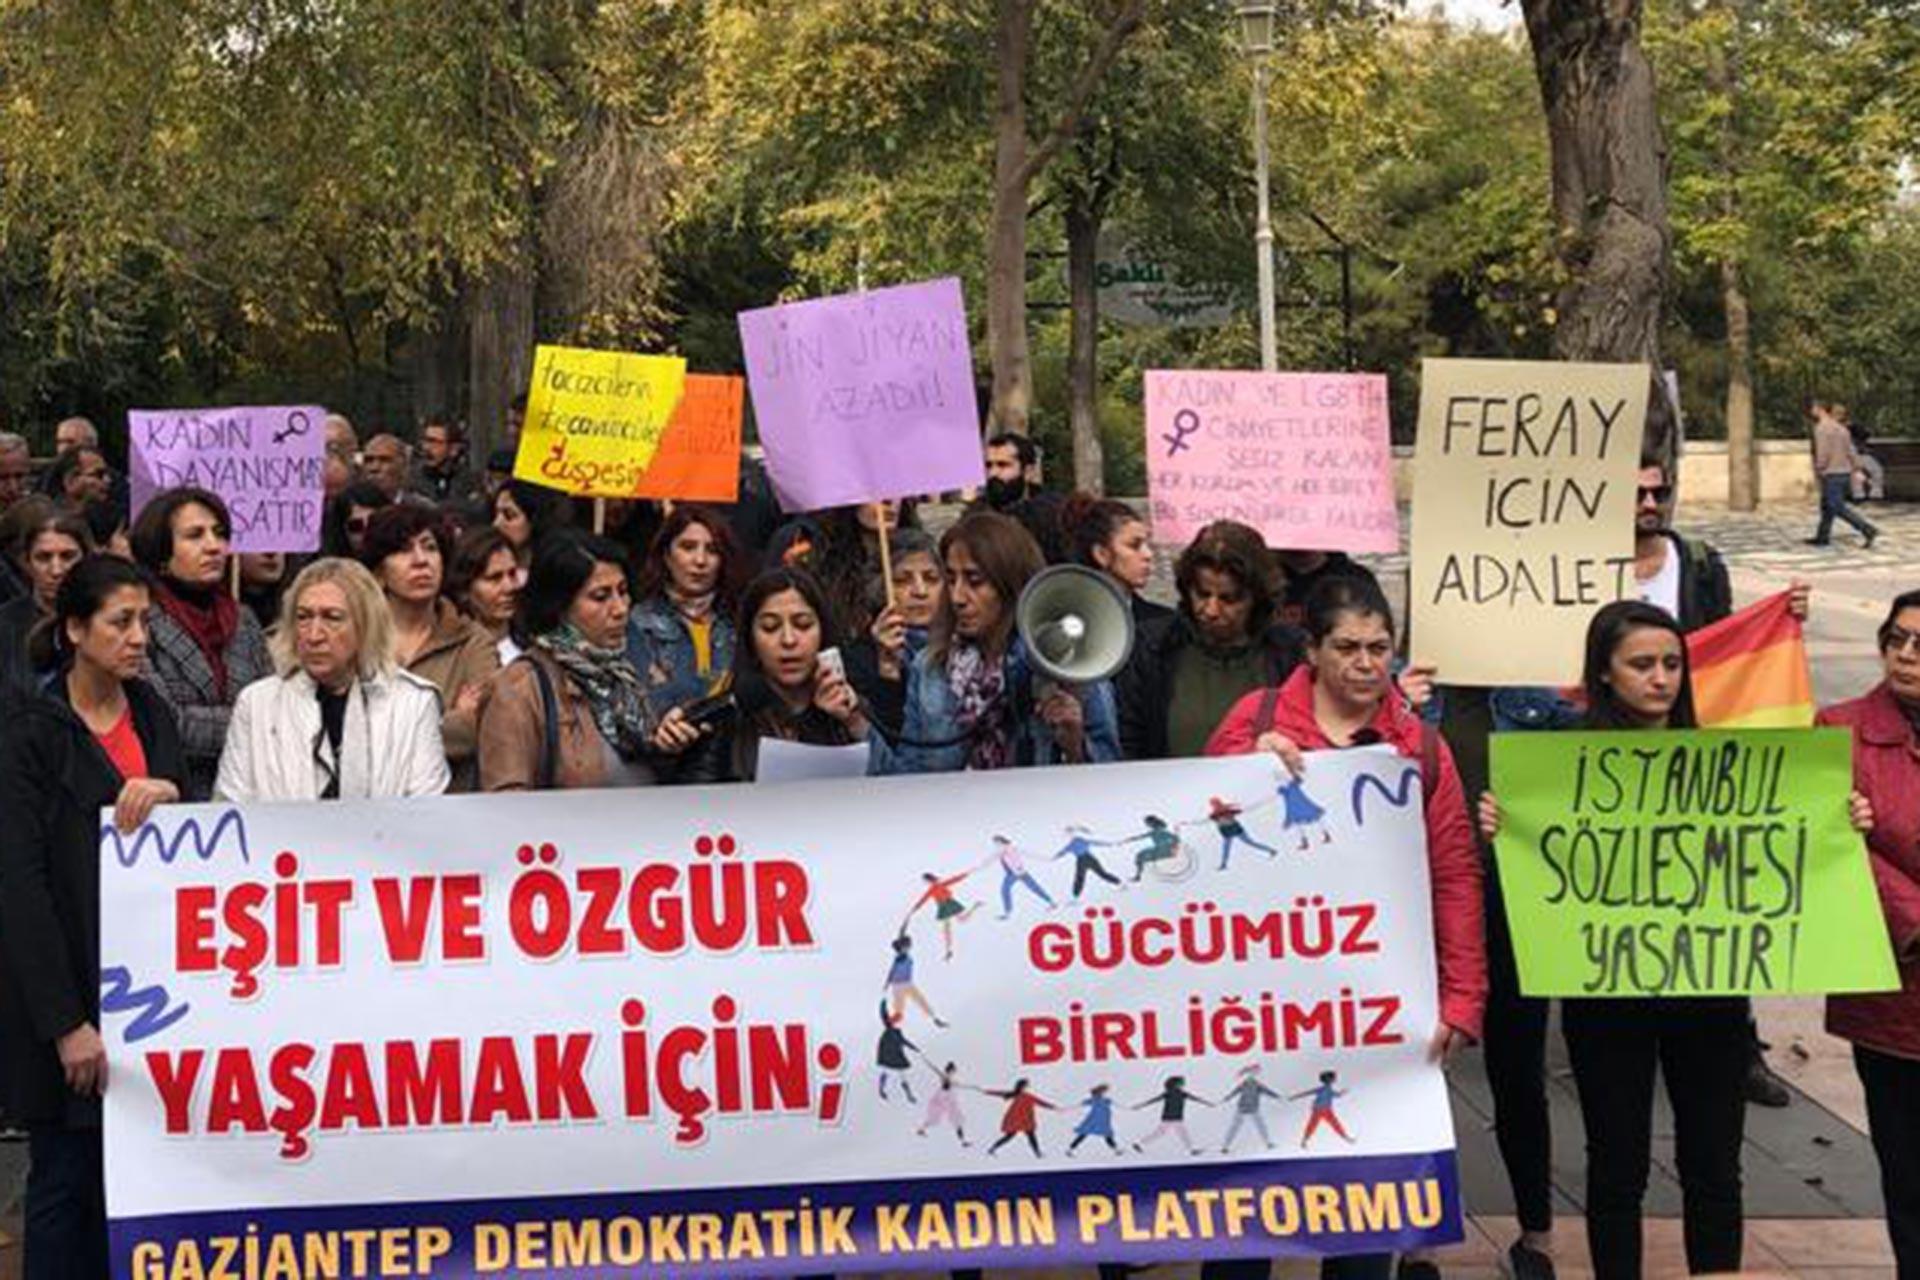 Gaziantep Demokratik Kadın Platformu, 'Eşit ve özgür yaşamak için gücümüz birliğimiz' pankartının arkasında basın açıklaması yaparken